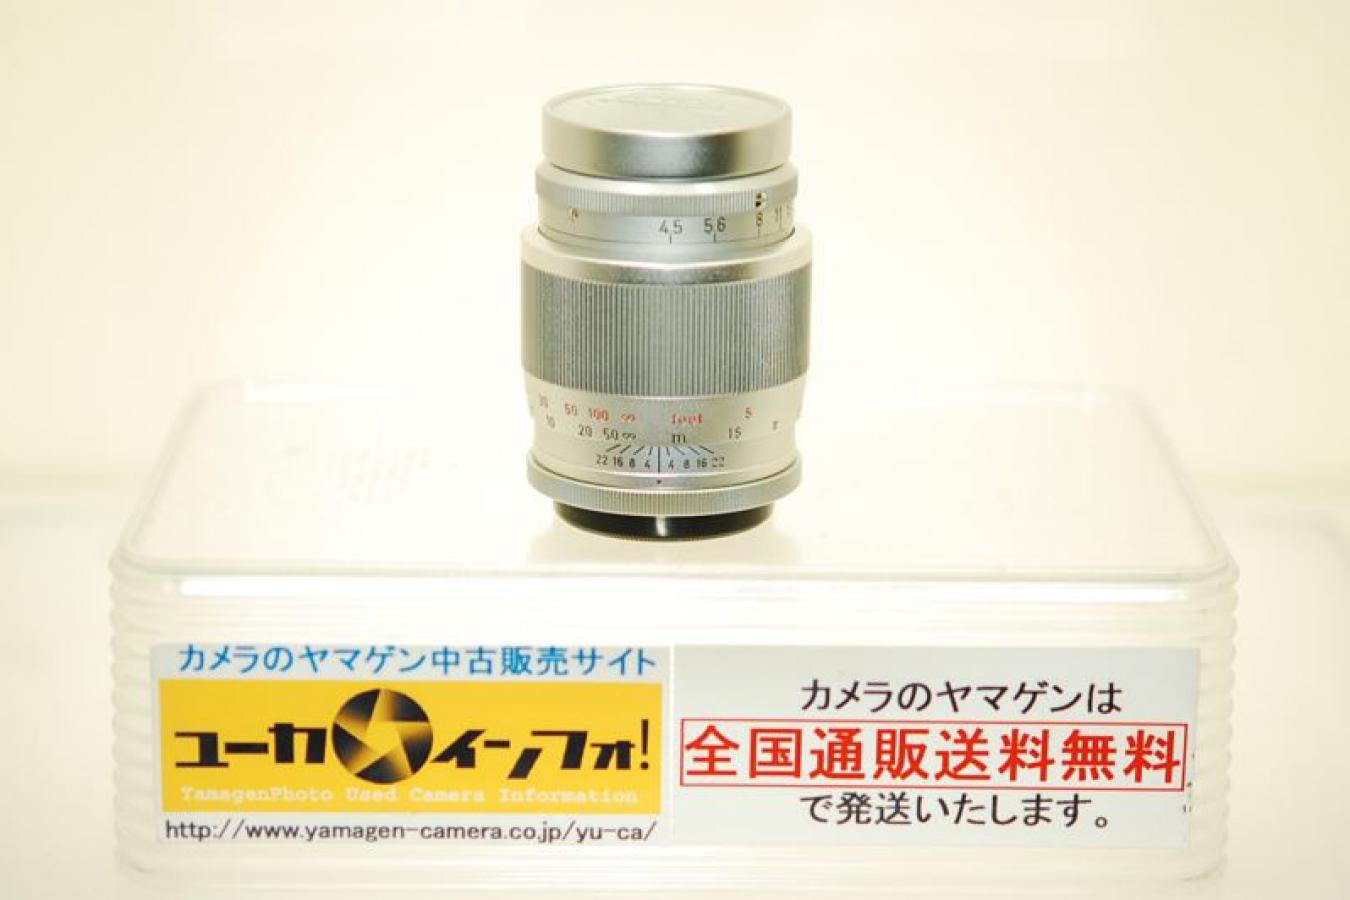 ライカ ヘクトール13.5cm F4.5 【ショートヘリコイド付】